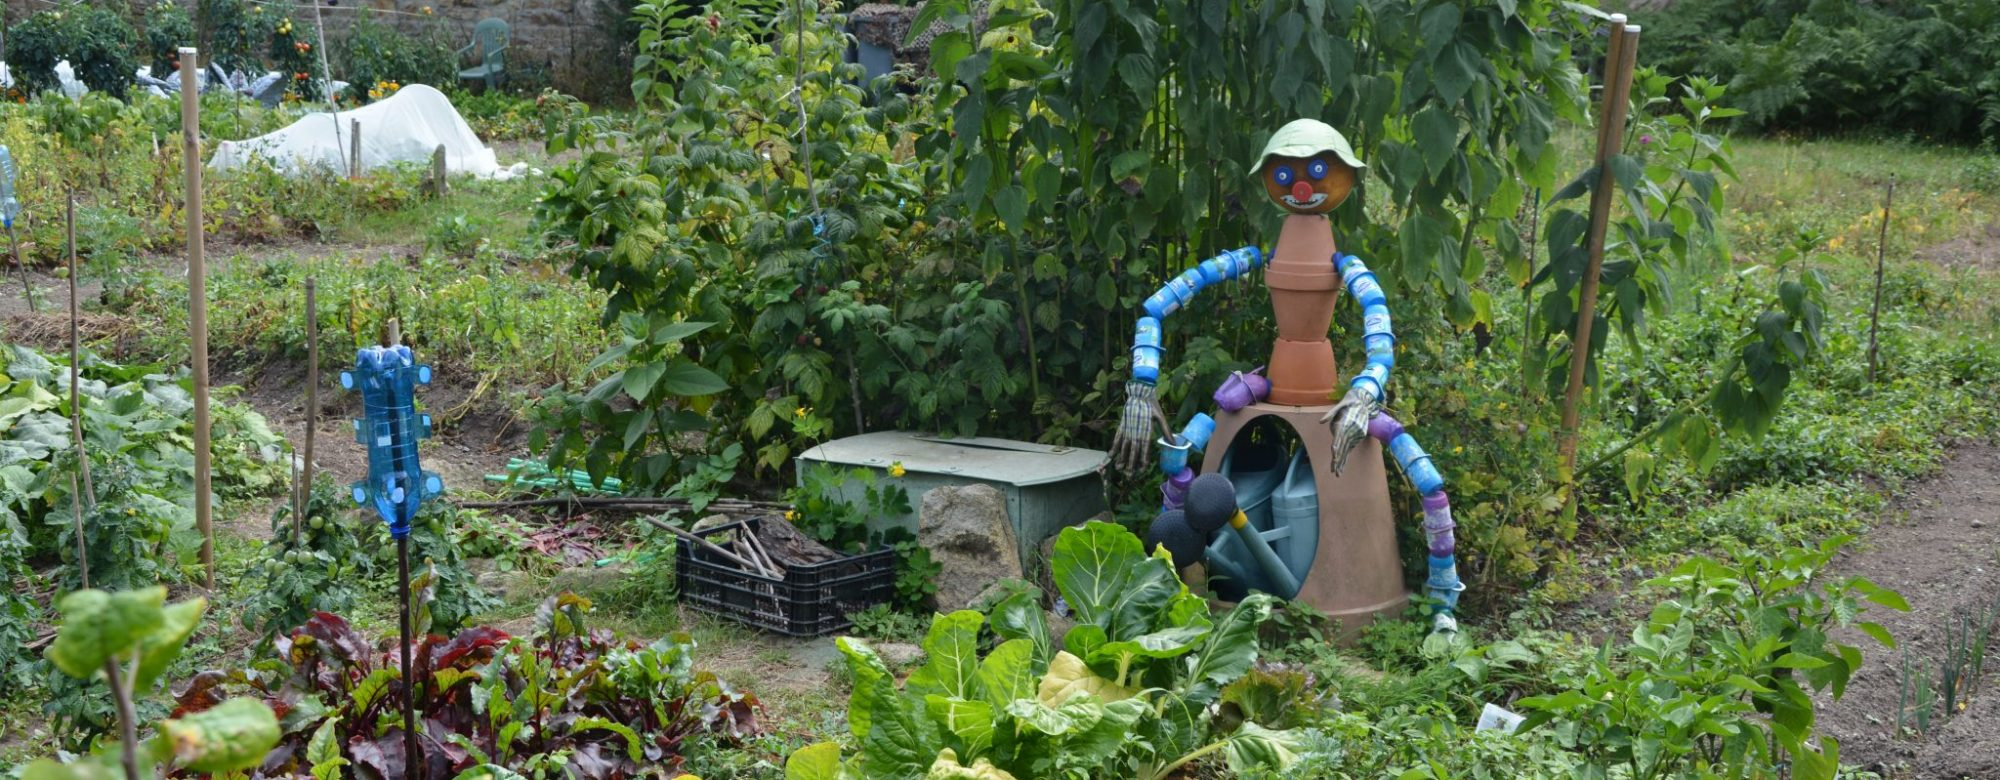 Plœmeur, potager dans les jardins partagés du domaine de Soye.